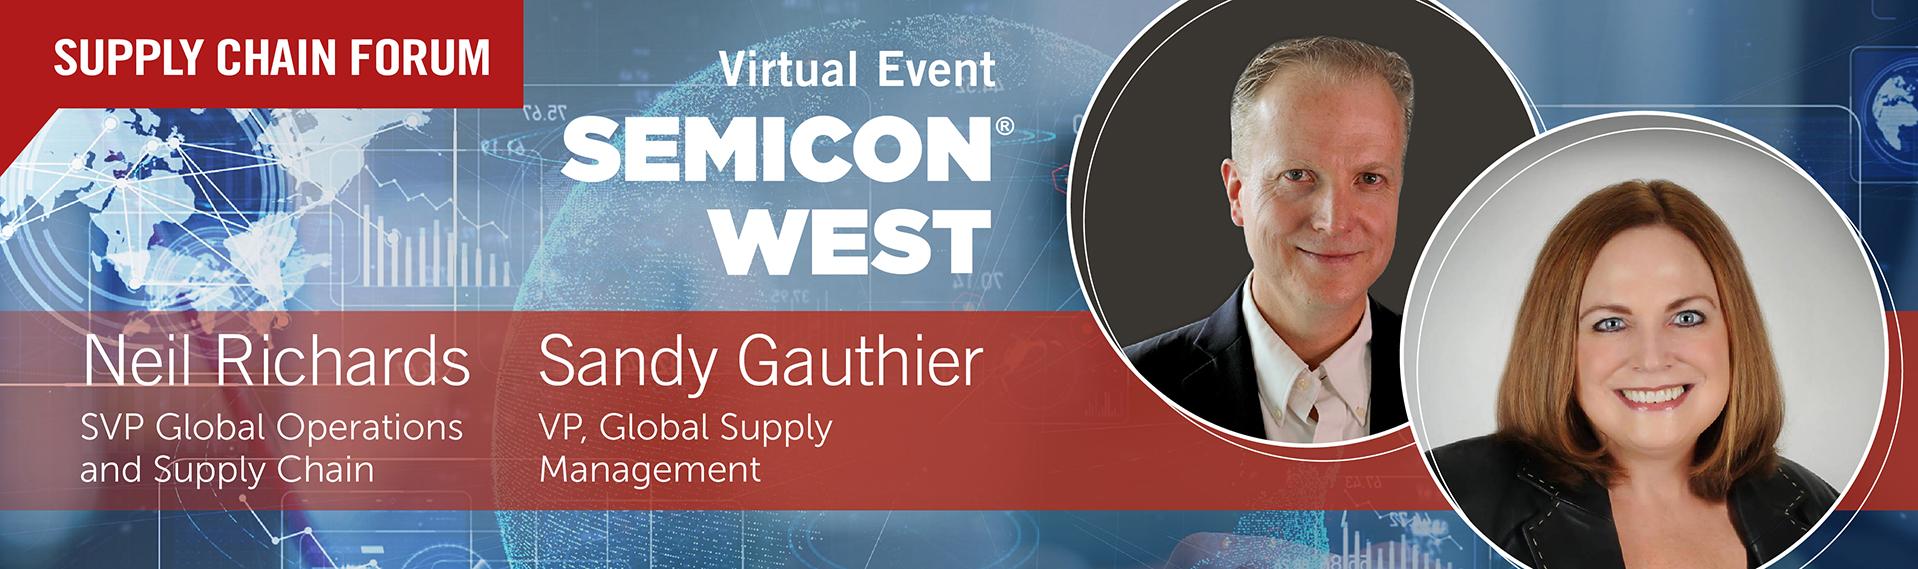 supply-chain-forum-neil-and-sandy-hubspot-11271-desktop-1918x568